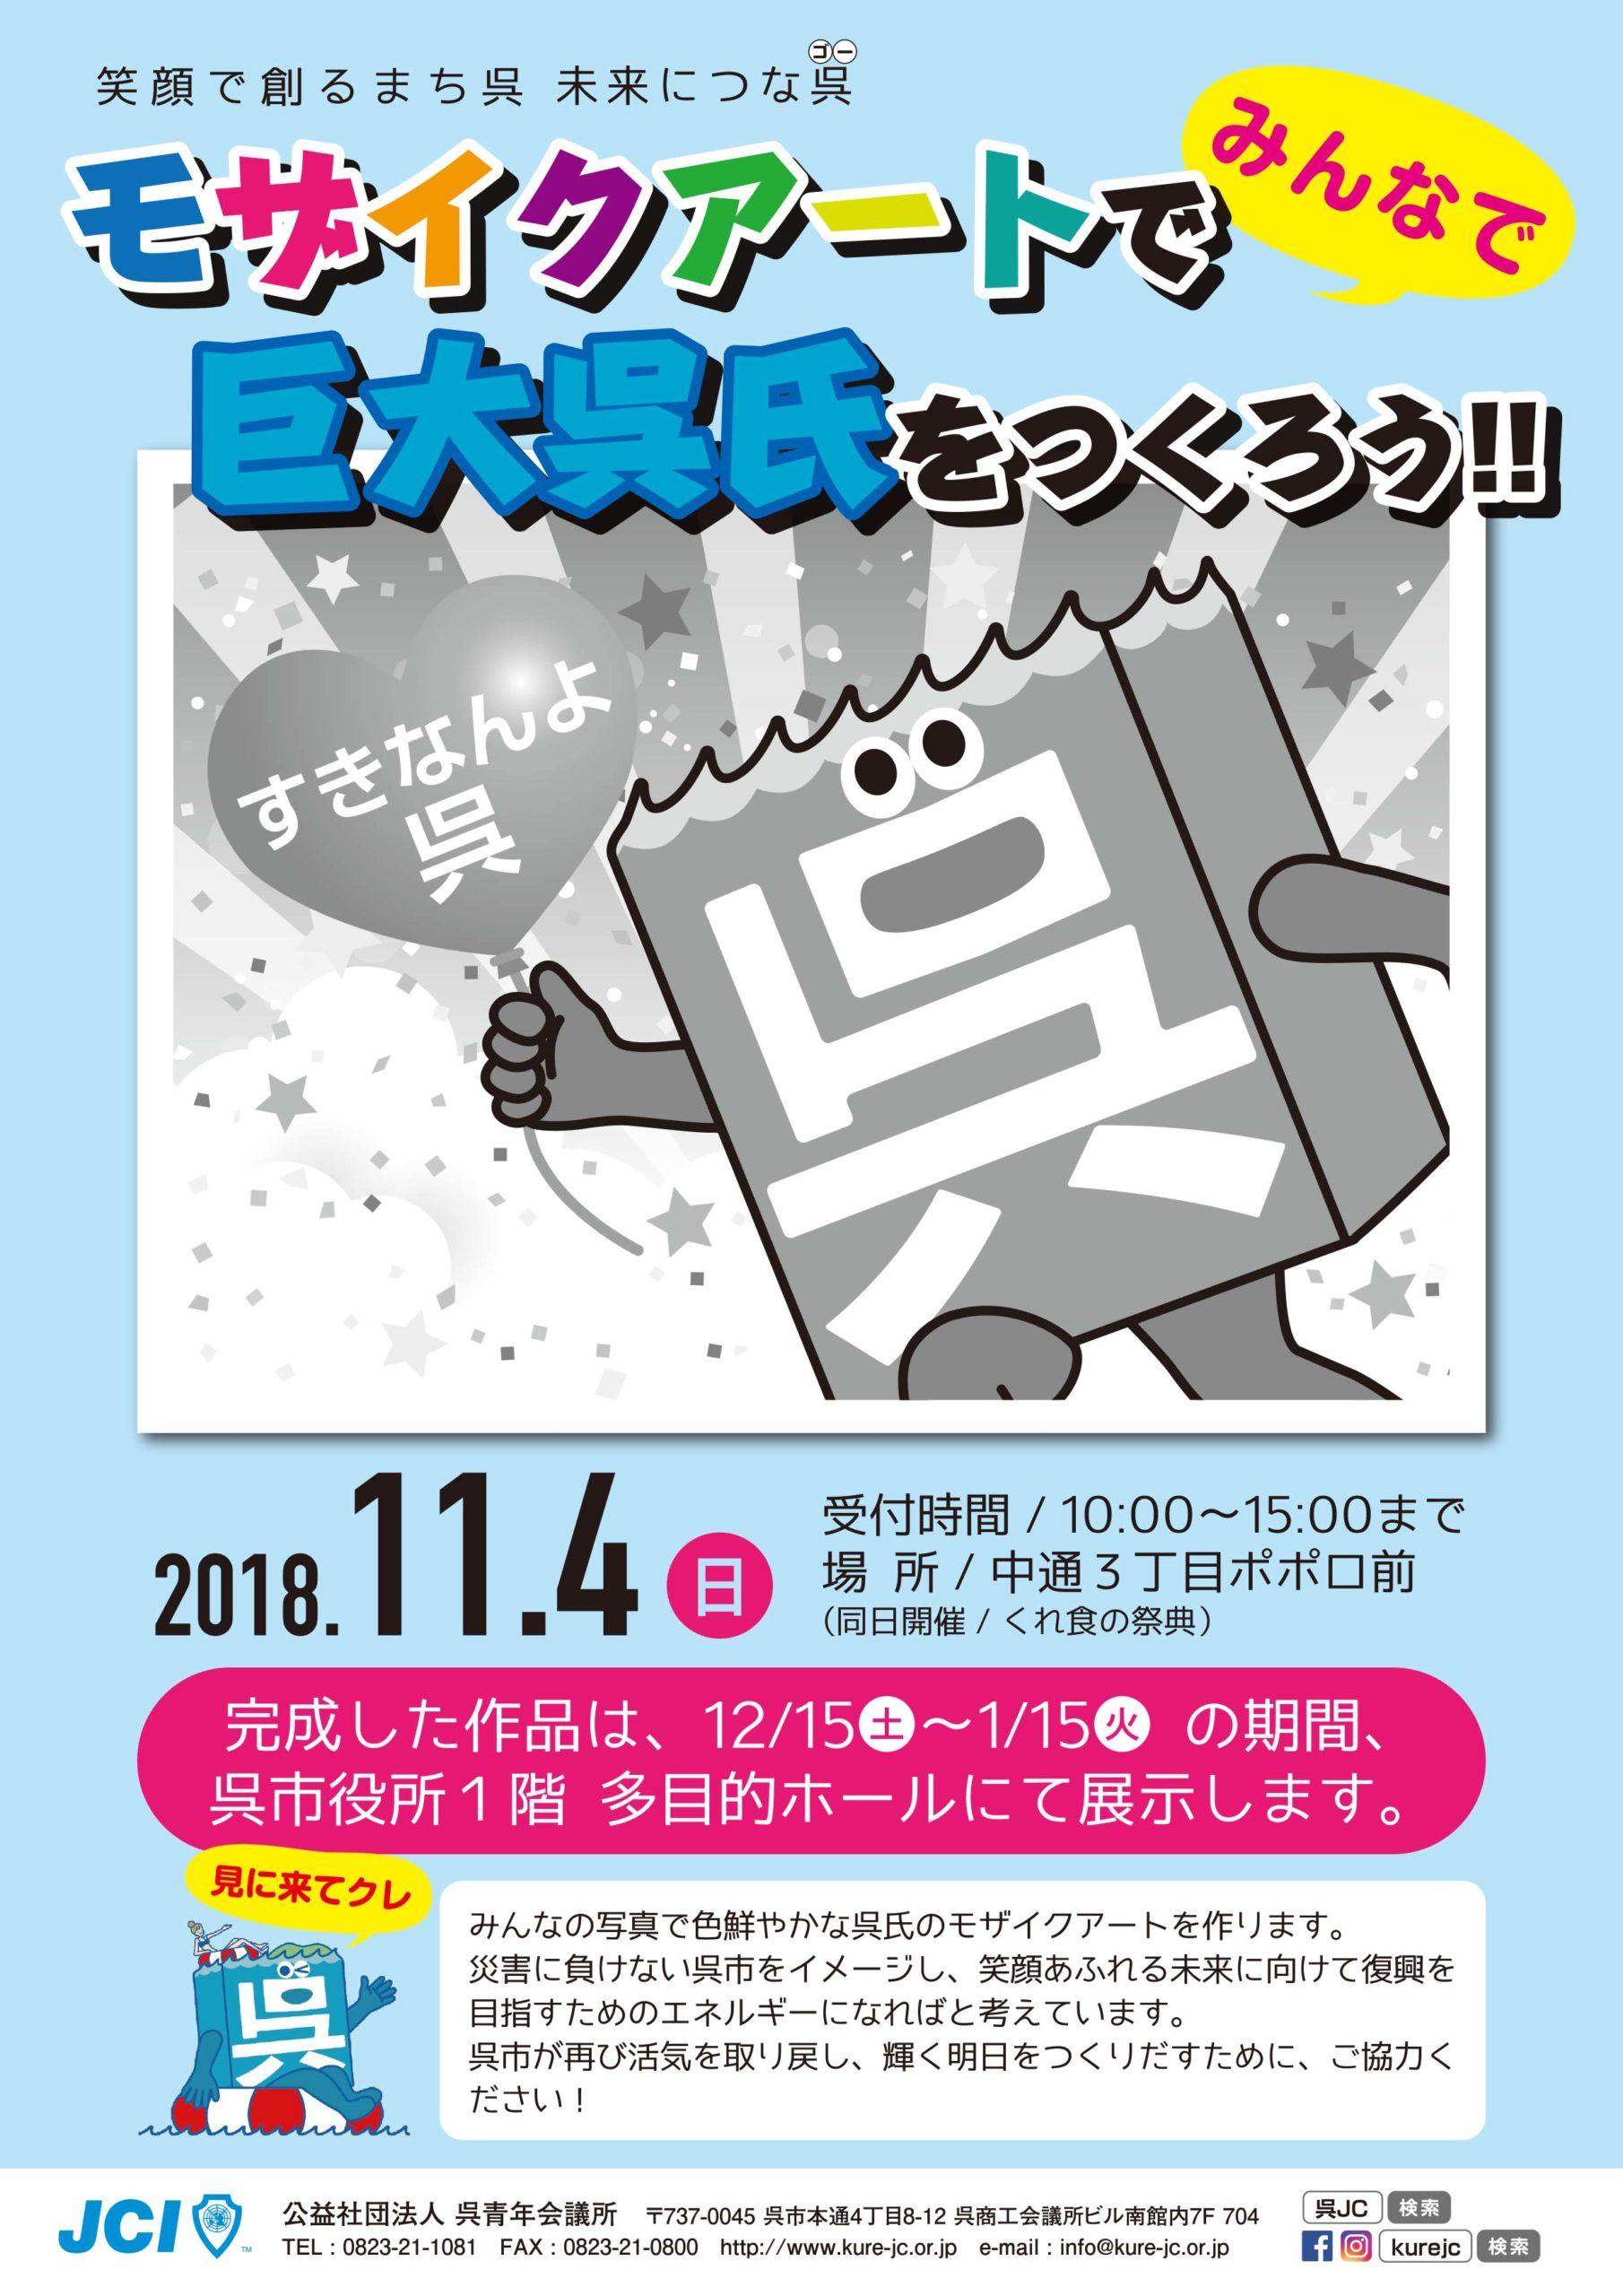 2018.11.04 モザイクアート